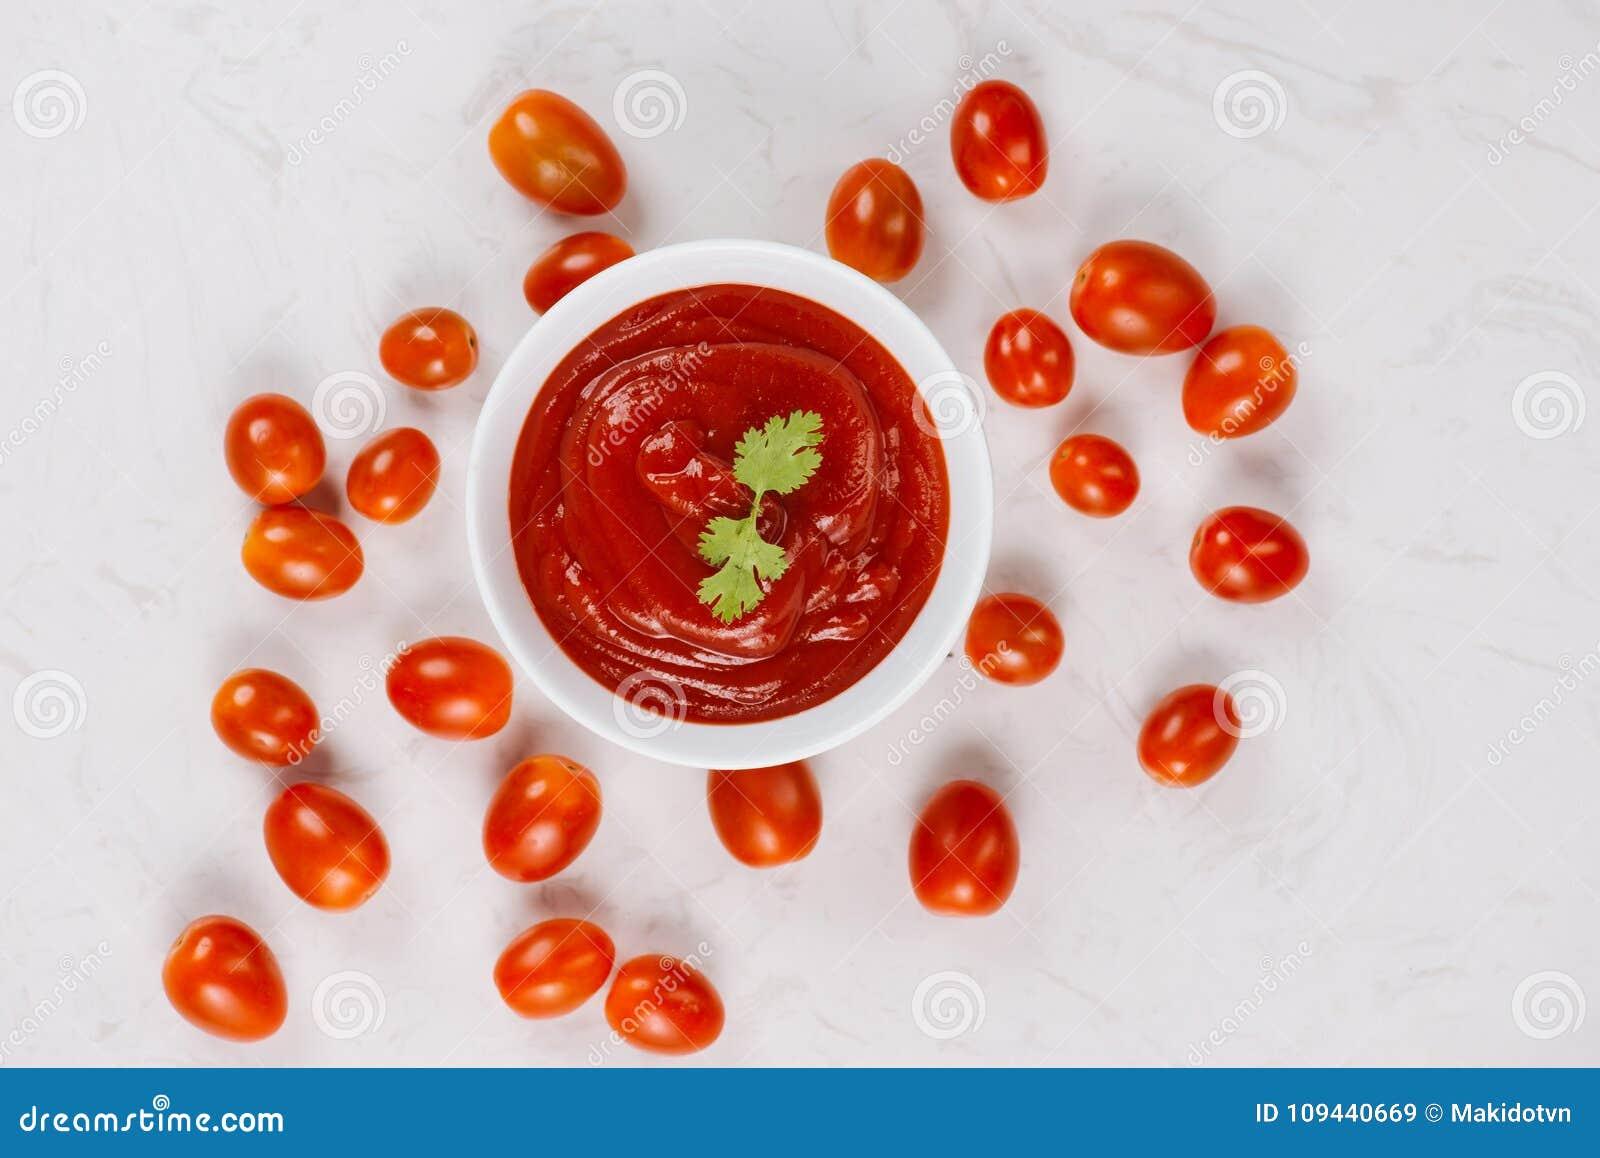 Ciotola di salsa al pomodoro o di ketchup, primo piano